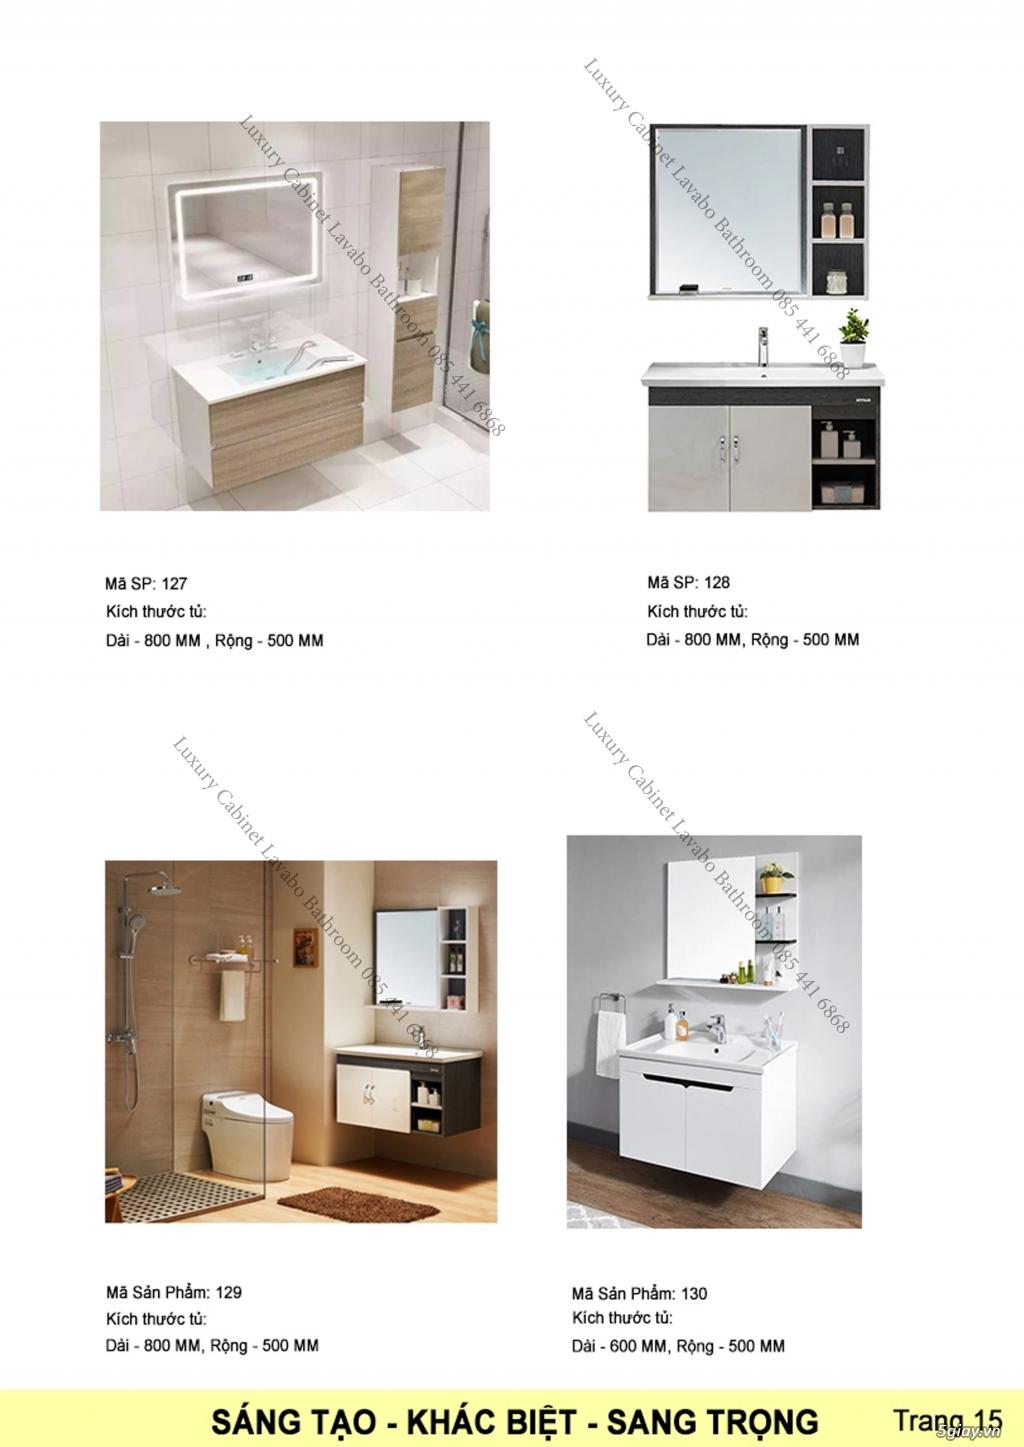 Bán tủ chậu lavabo tân cổ điển, hiện đại, tủ chậu mặt đá phòng tắm - 16